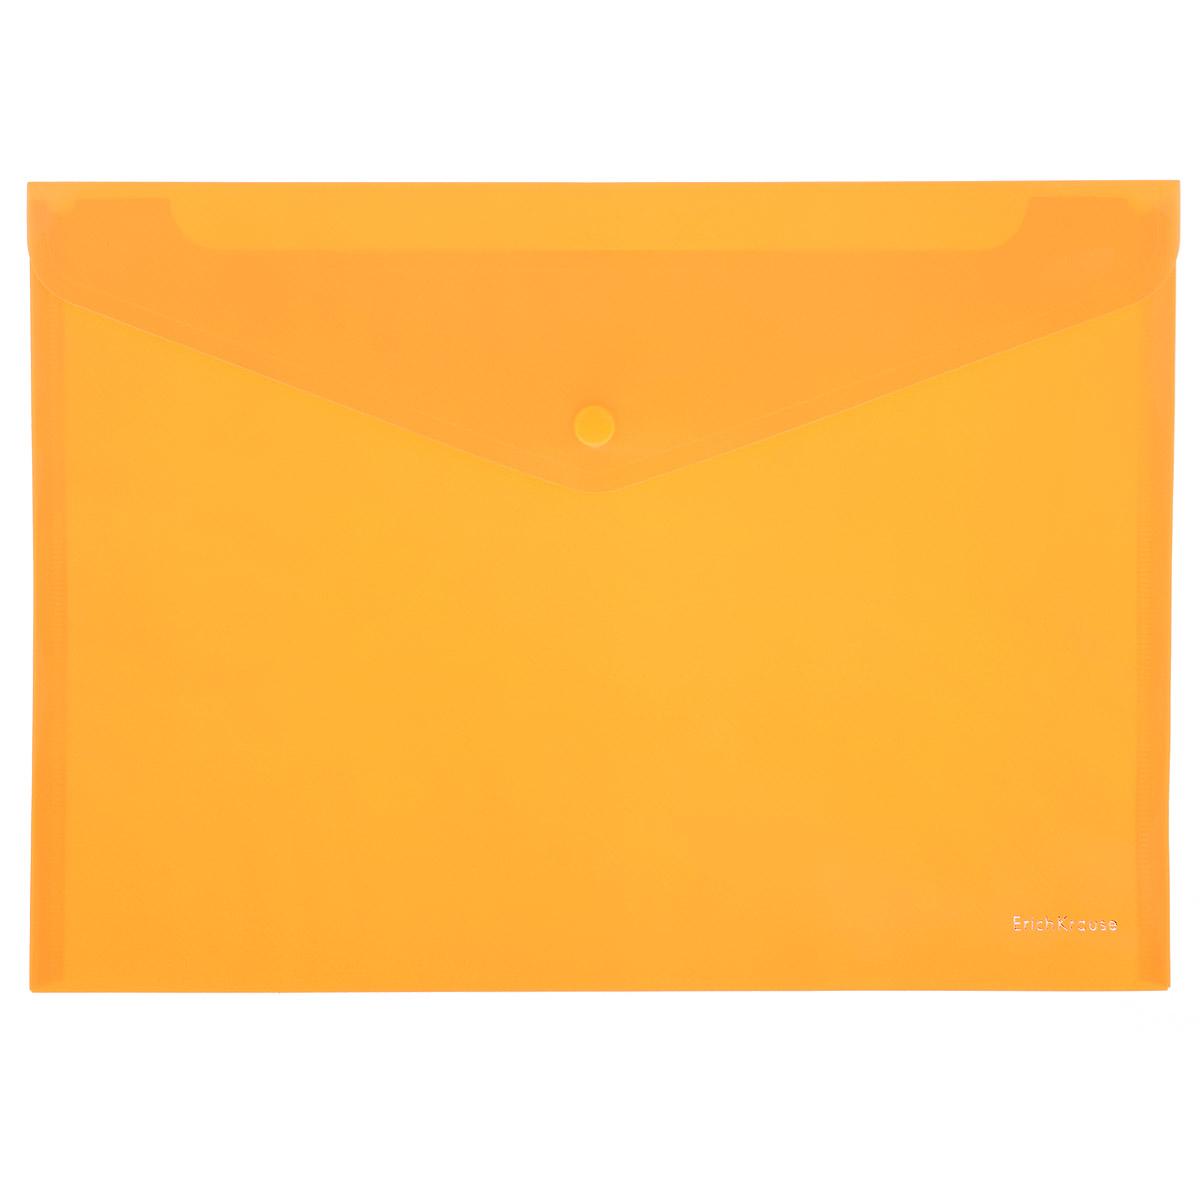 Erich Krause Папка-конверт Envelope Folder цвет оранжевый2932_оранжевыйПапка-конверт на кнопке Erich Krause - удобный и практичный офисный инструмент, предназначенный для хранения и транспортировки рабочих бумаг и документов формата А4.Папка изготовлена из полупрозрачного глянцевого пластика оранжевого цвета с диагональной текстурой, которая надолго сохраняет папку аккуратной и увеличивает срок ее службы. Практичная застежка-кнопка удобна для частого использования и обеспечивает быстрый доступ к документам. С такой папкой ваши документы всегда будут в полном порядке!